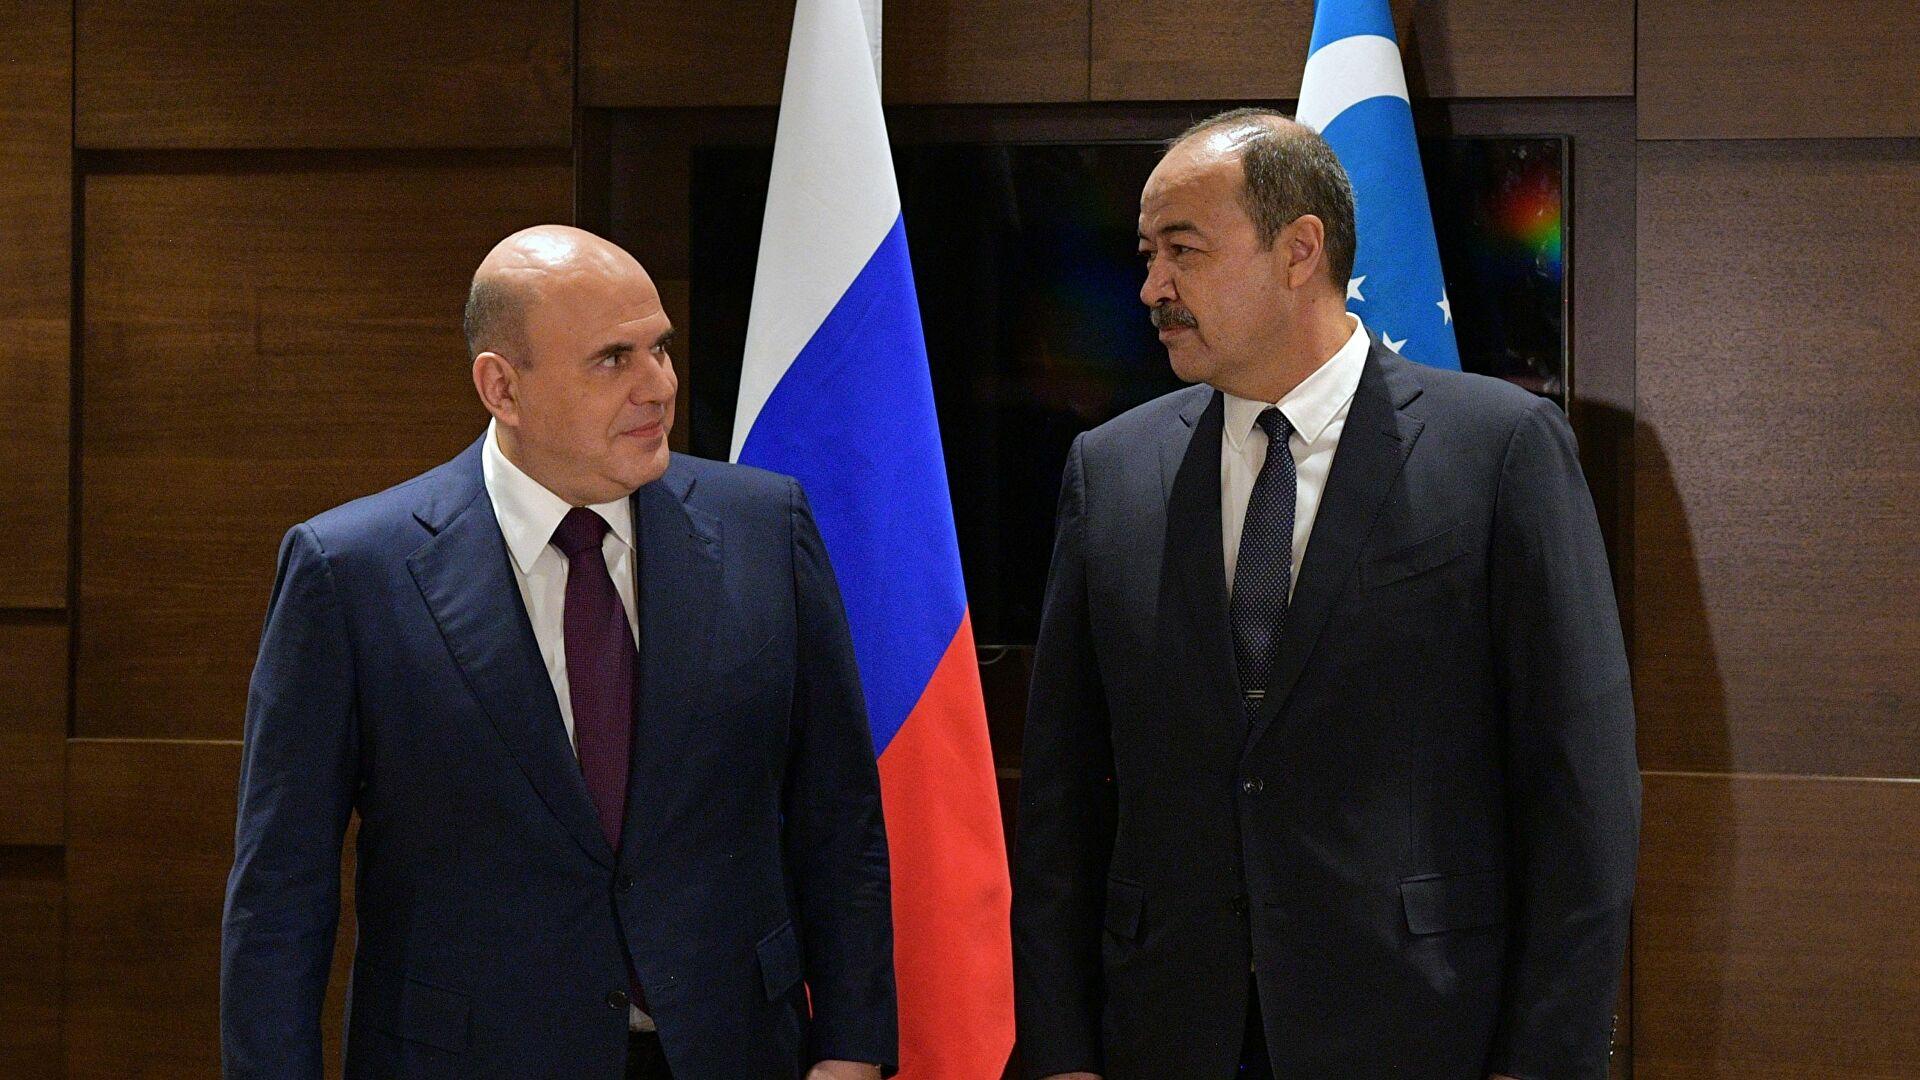 Абдулла Арипов попросил Россию увеличить поставки вакцины Sputnik V в Узбекистан